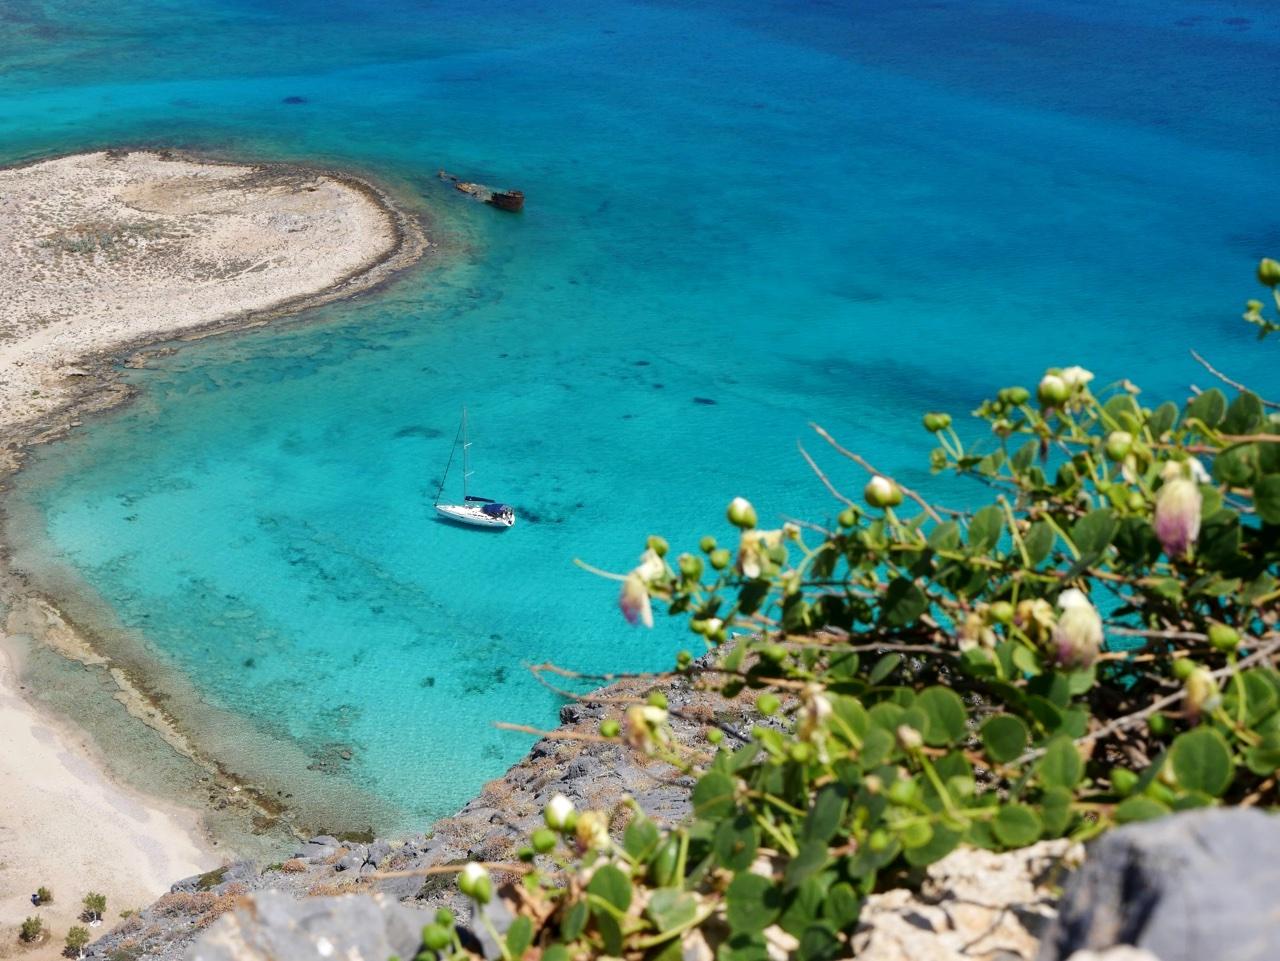 Sailing Cruise from Kissamos to Gramvousa & Balos Lagoon - Review